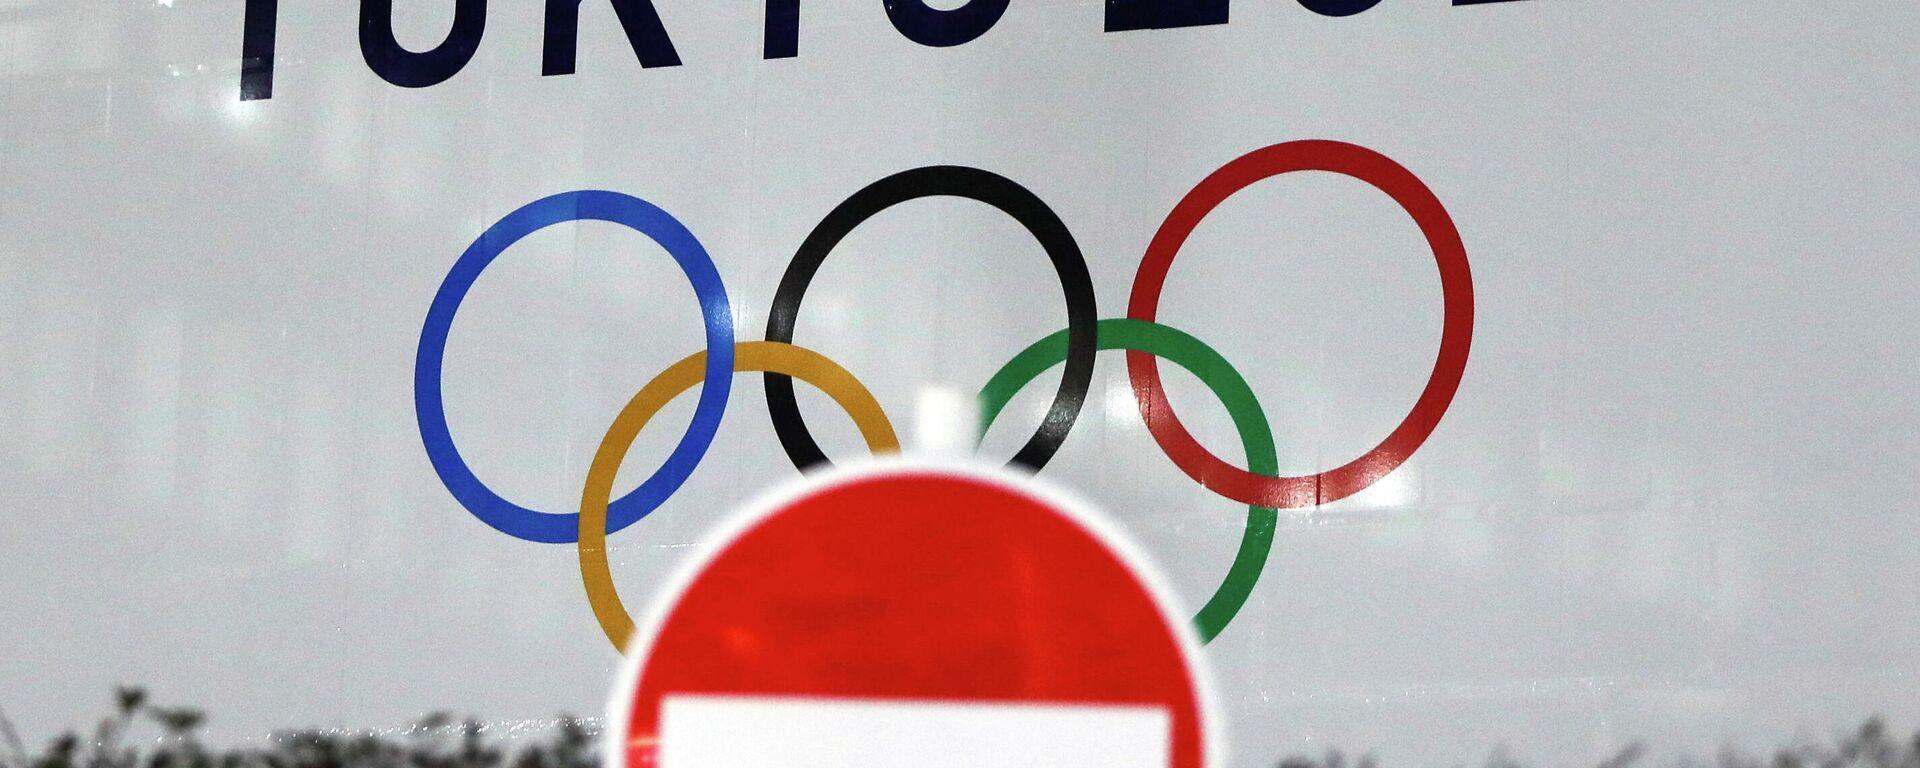 Logo de los Juegos Olímpicos de Tokio 2020 - Sputnik Mundo, 1920, 26.05.2021